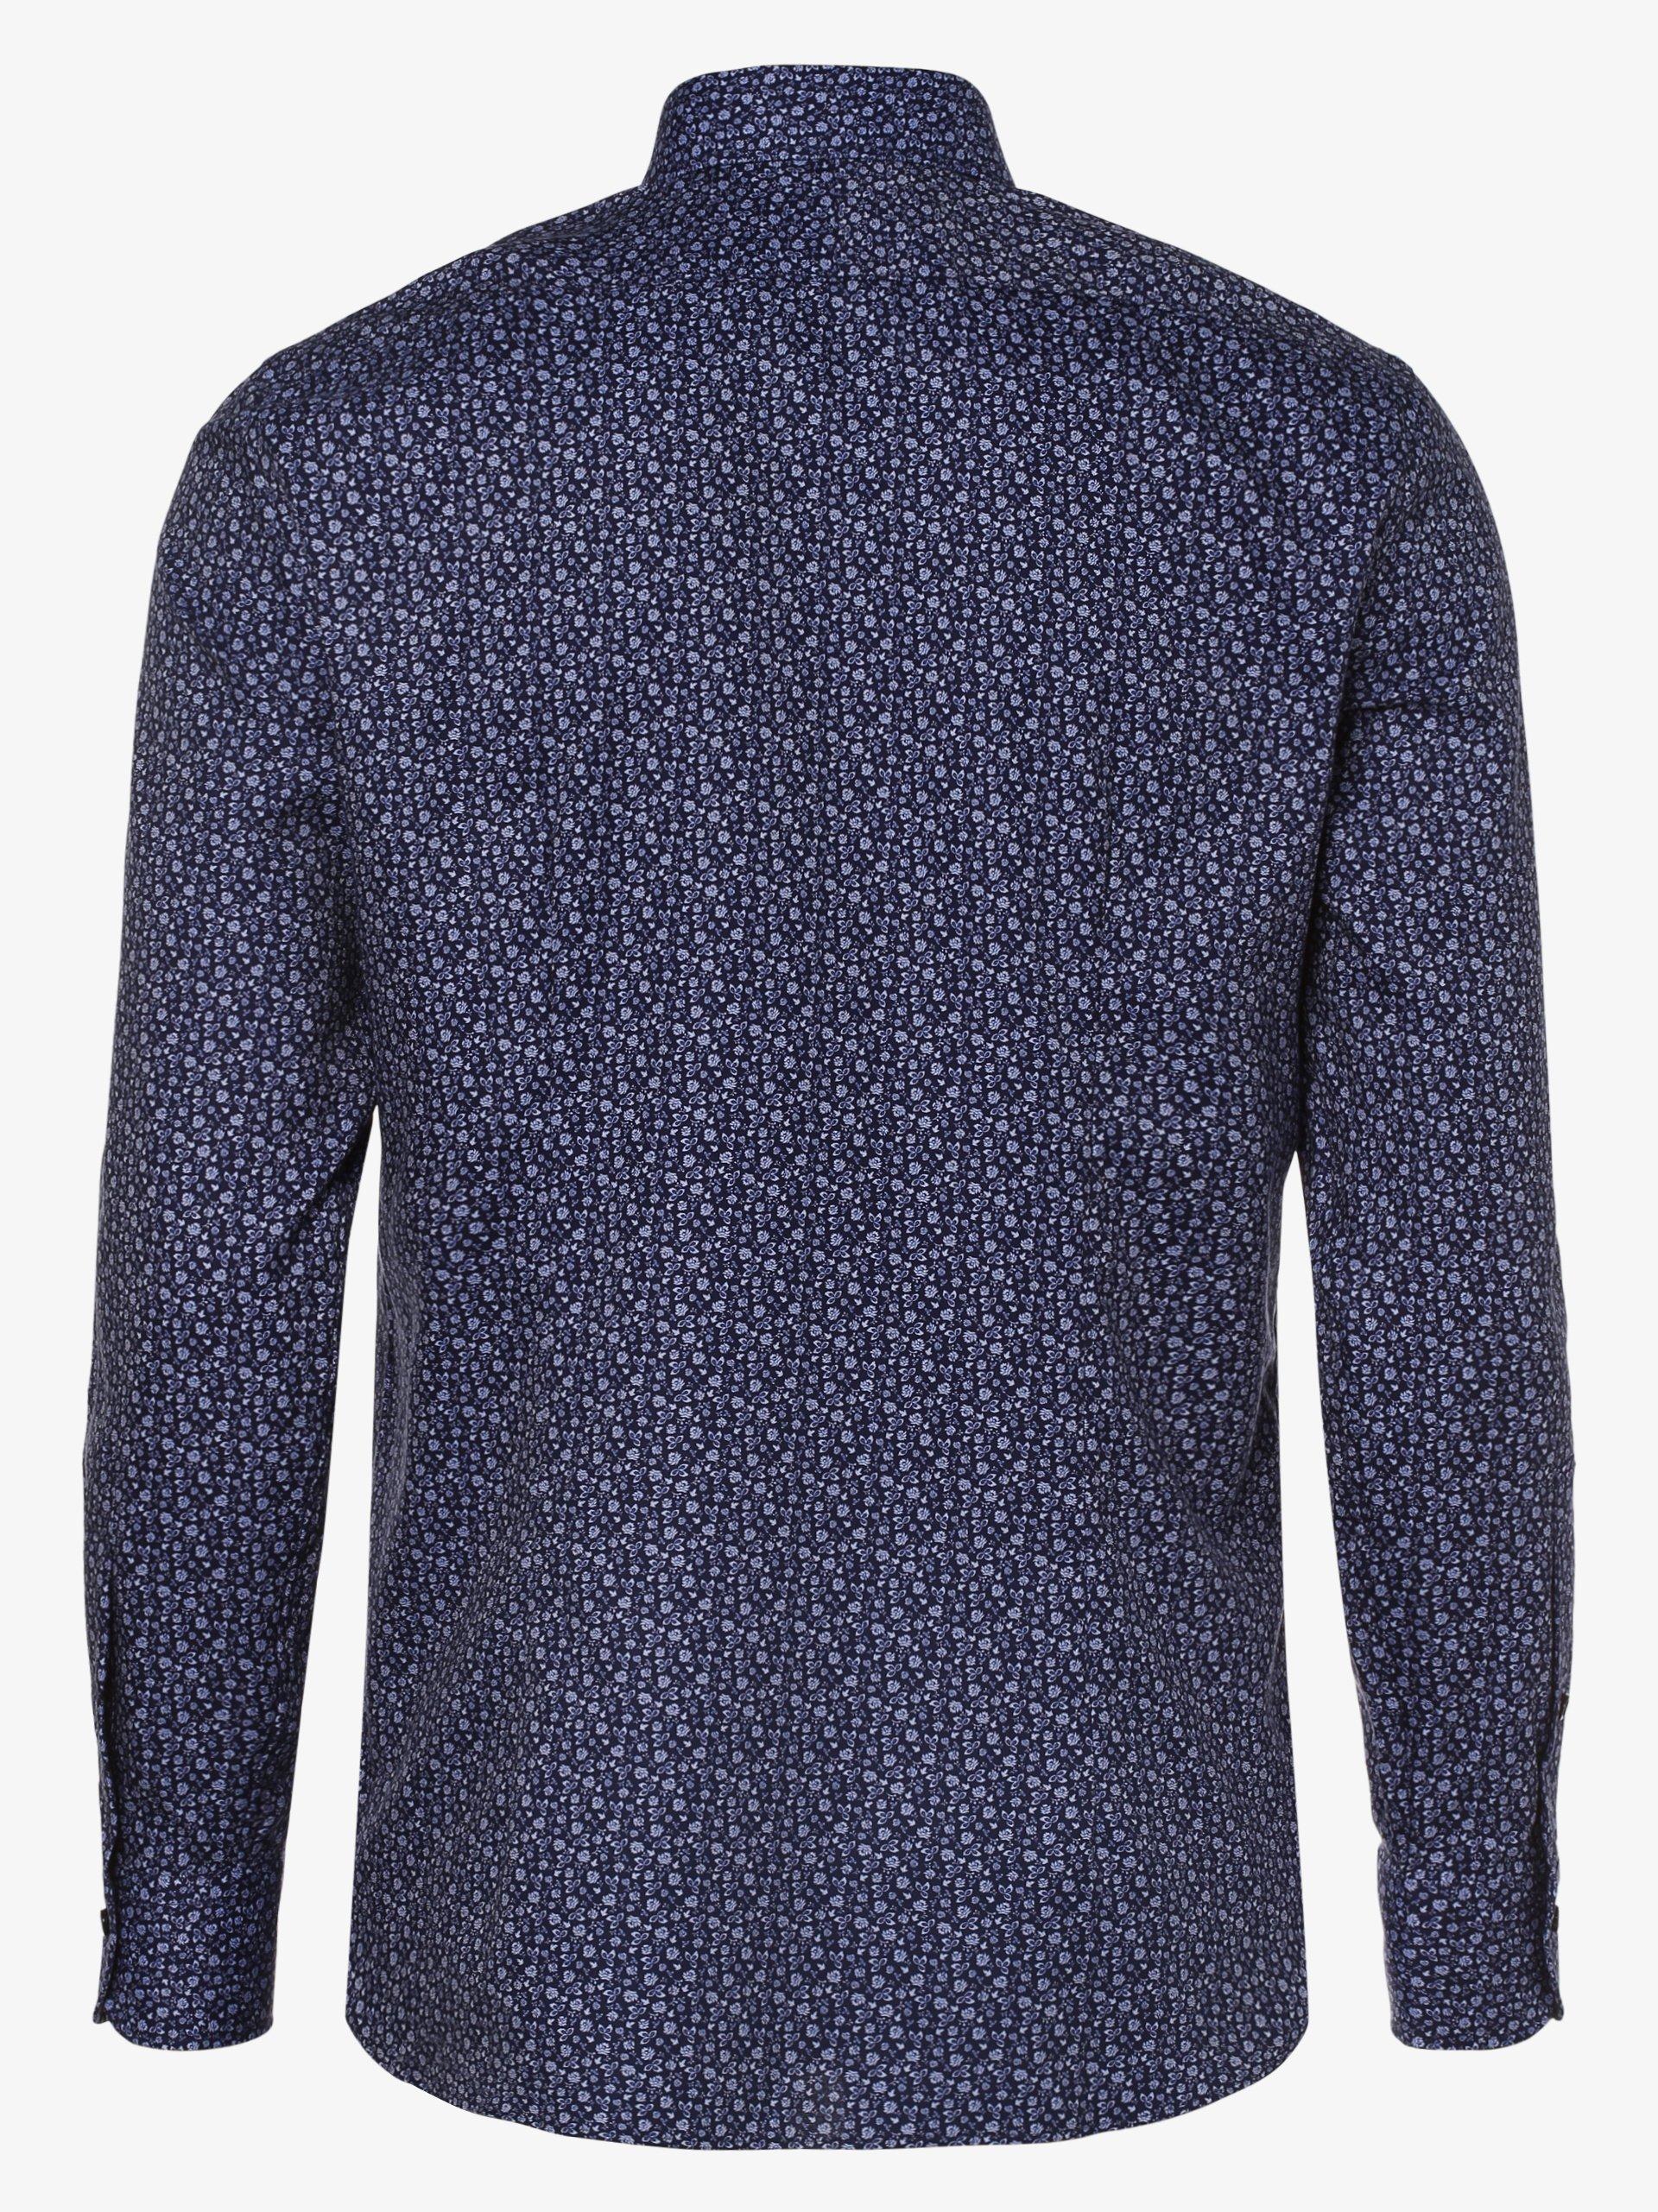 OLYMP SIGNATURE Koszula męska – Savio